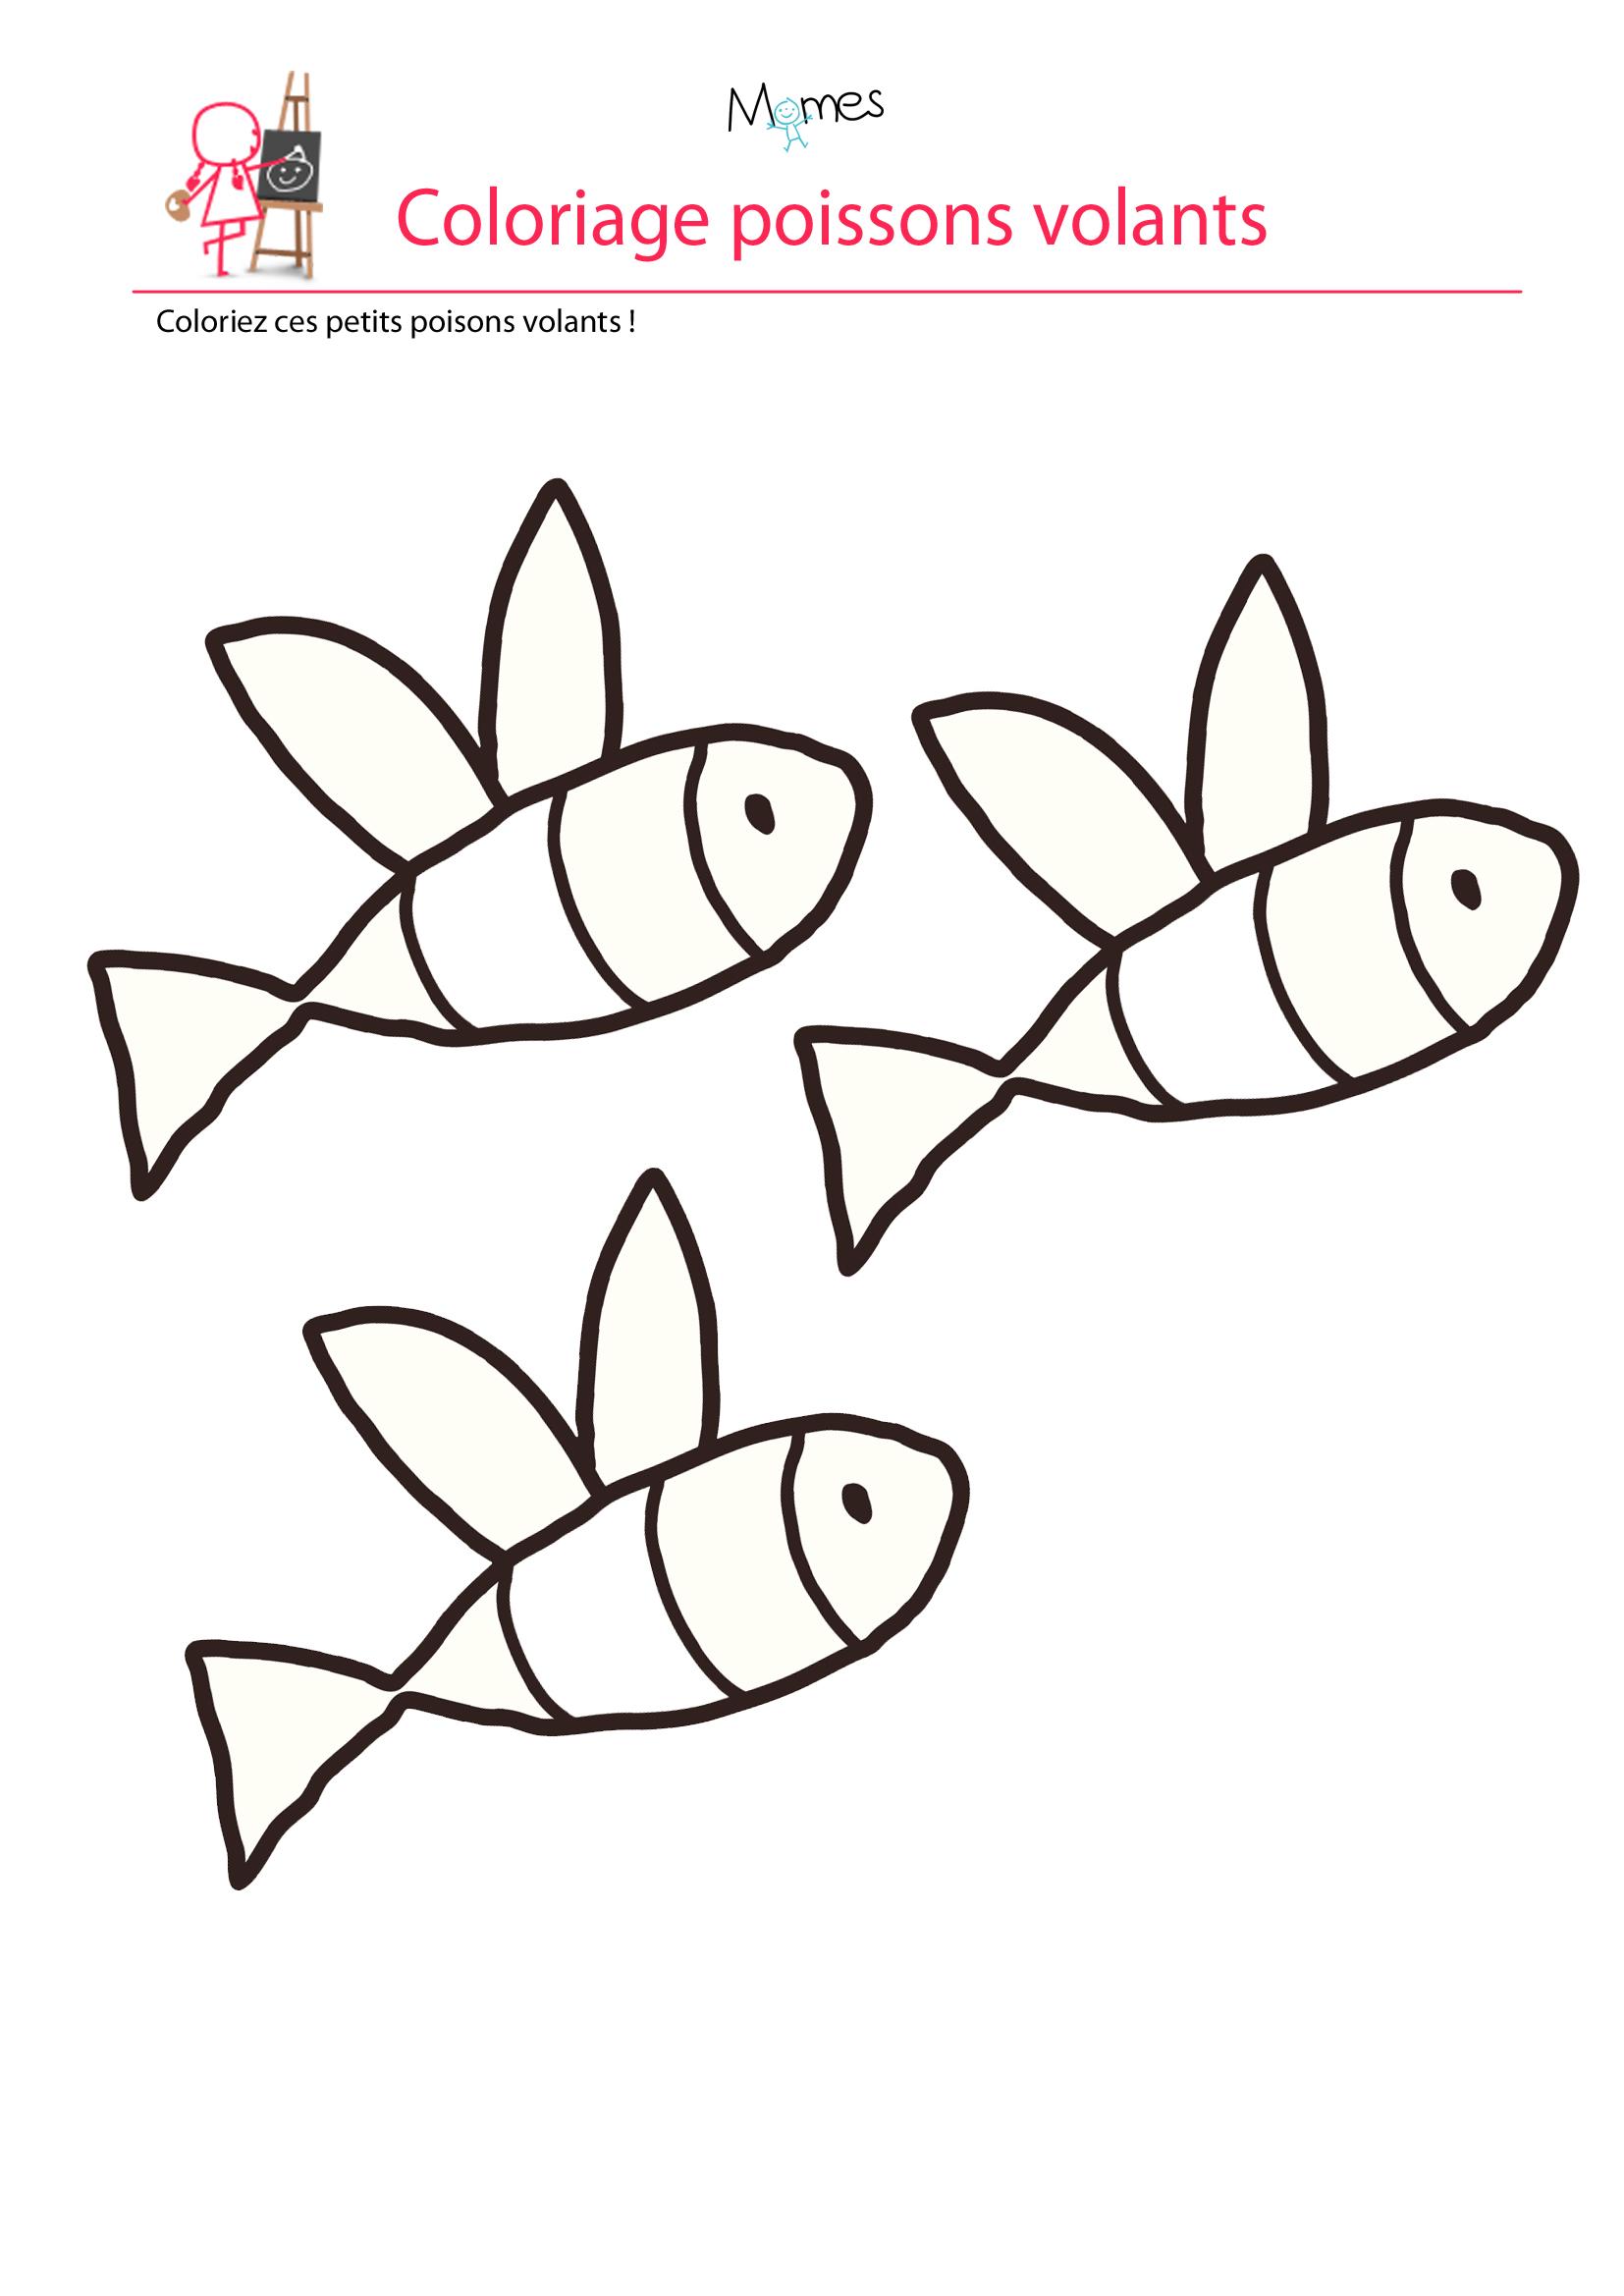 Coloriage poisson d 39 avril les poissons volants - Poisson d avril a imprimer coloriage ...